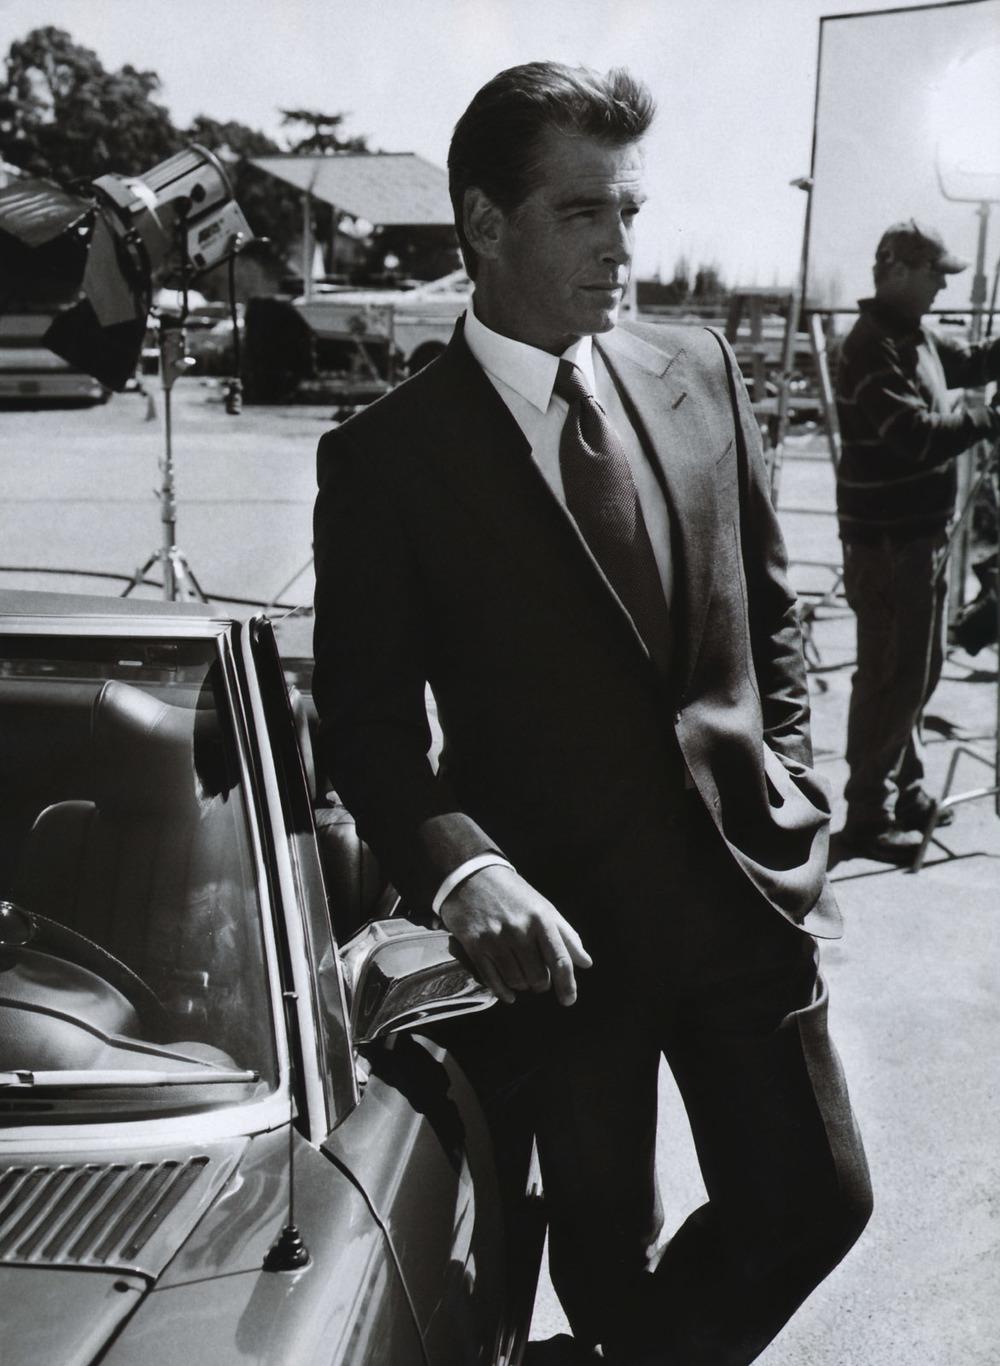 Uns  dizem que ele só melhora com o tempo. Outros dizem que é impossível  igualar sua elegância dos tempos de 007. A verdade é que Pierce Brosnan,  do alto dos seus 60 anos recém completados, está sempre elegante. Seja  pilotando carrões e desviando de tiros, seja de cabelo mais grisalho e  com um físico de agente secreto aposentado. Tido por muitos como o  melhor James Bond que já existiu - depois de Sean Connery, Brosnan não  vive até hoje na sombra de seu personagem mais famoso. A única coisa que  permanece é a sua elegância para vestir um terno e arrancar suspiros de  mulheres de todas as idades.